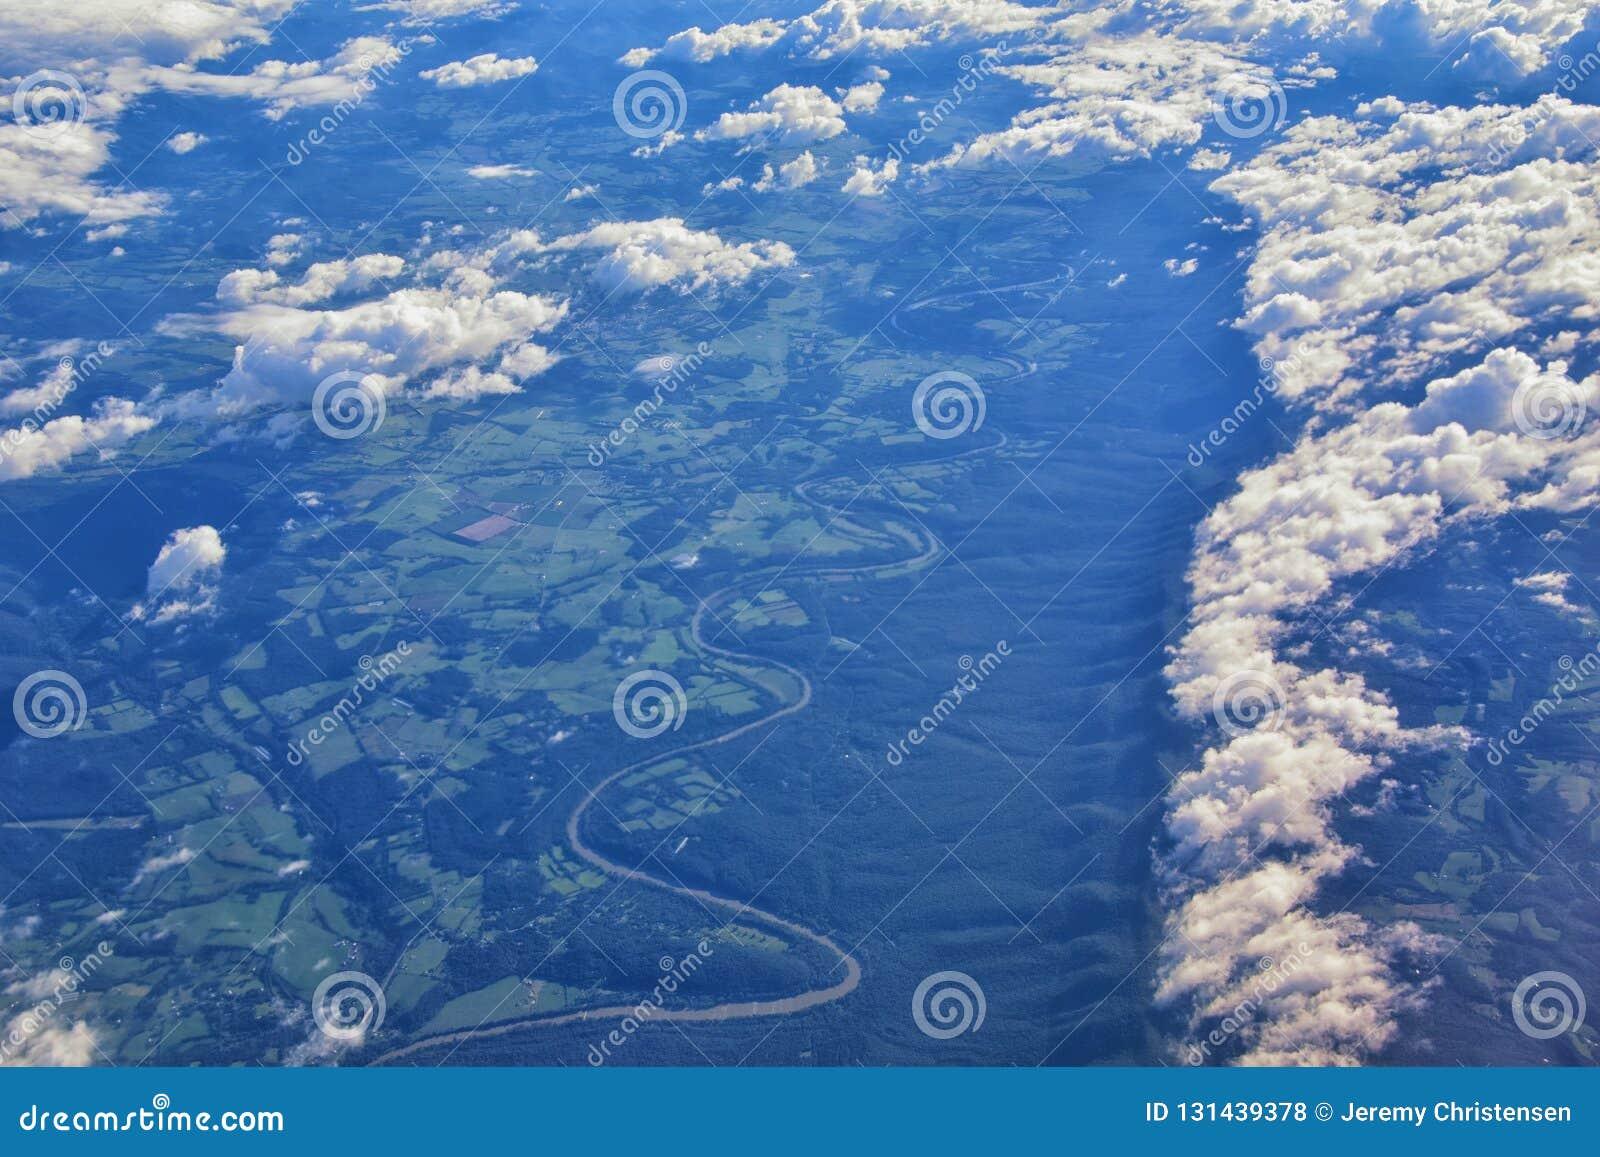 Вид с воздуха топографических ландшафтов над государствами midwest на полете над Колорадо, Канзасом, Миссури, Иллинойсом, Индиано